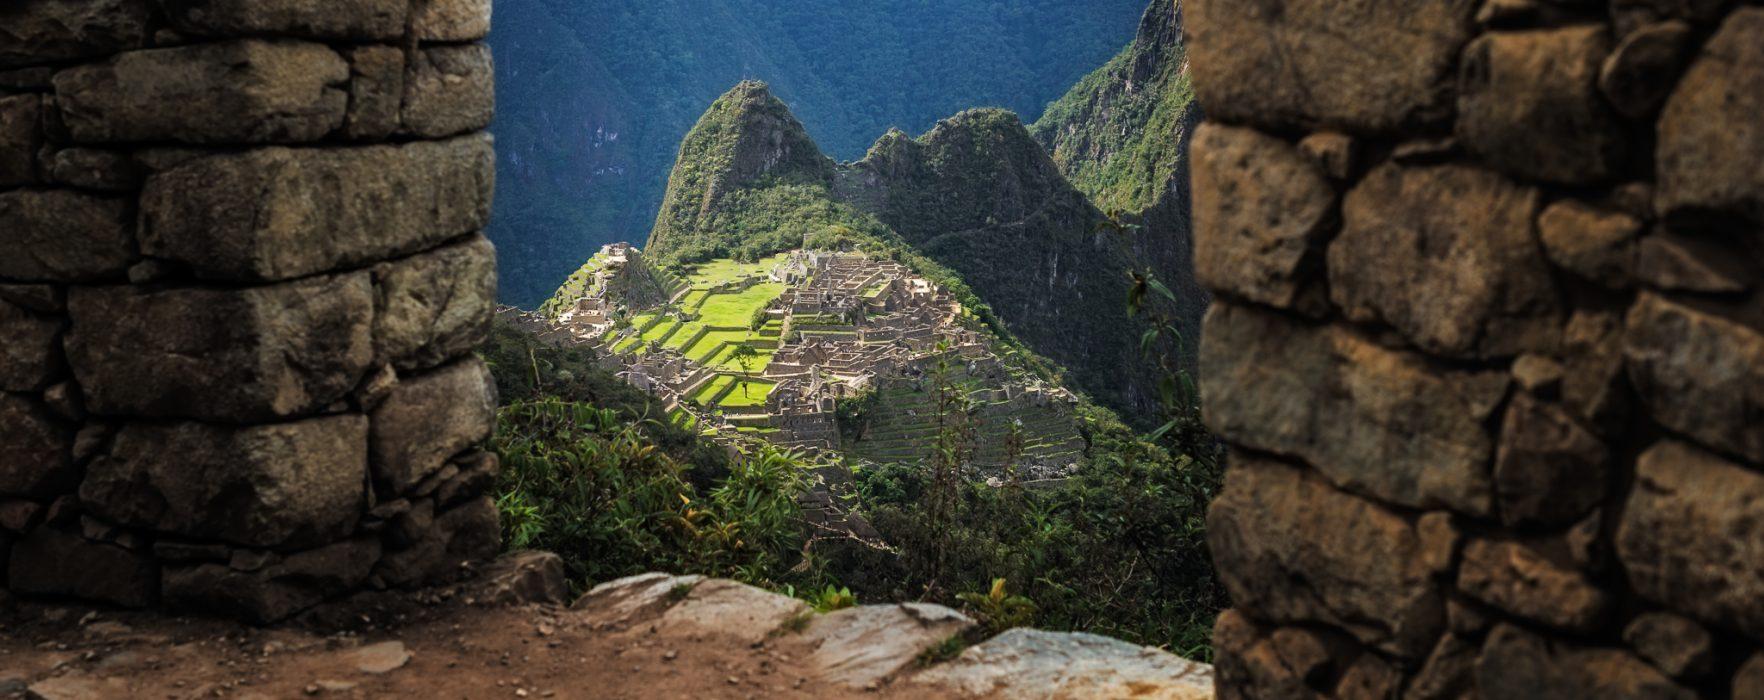 #668. Machu Picchu Postcards